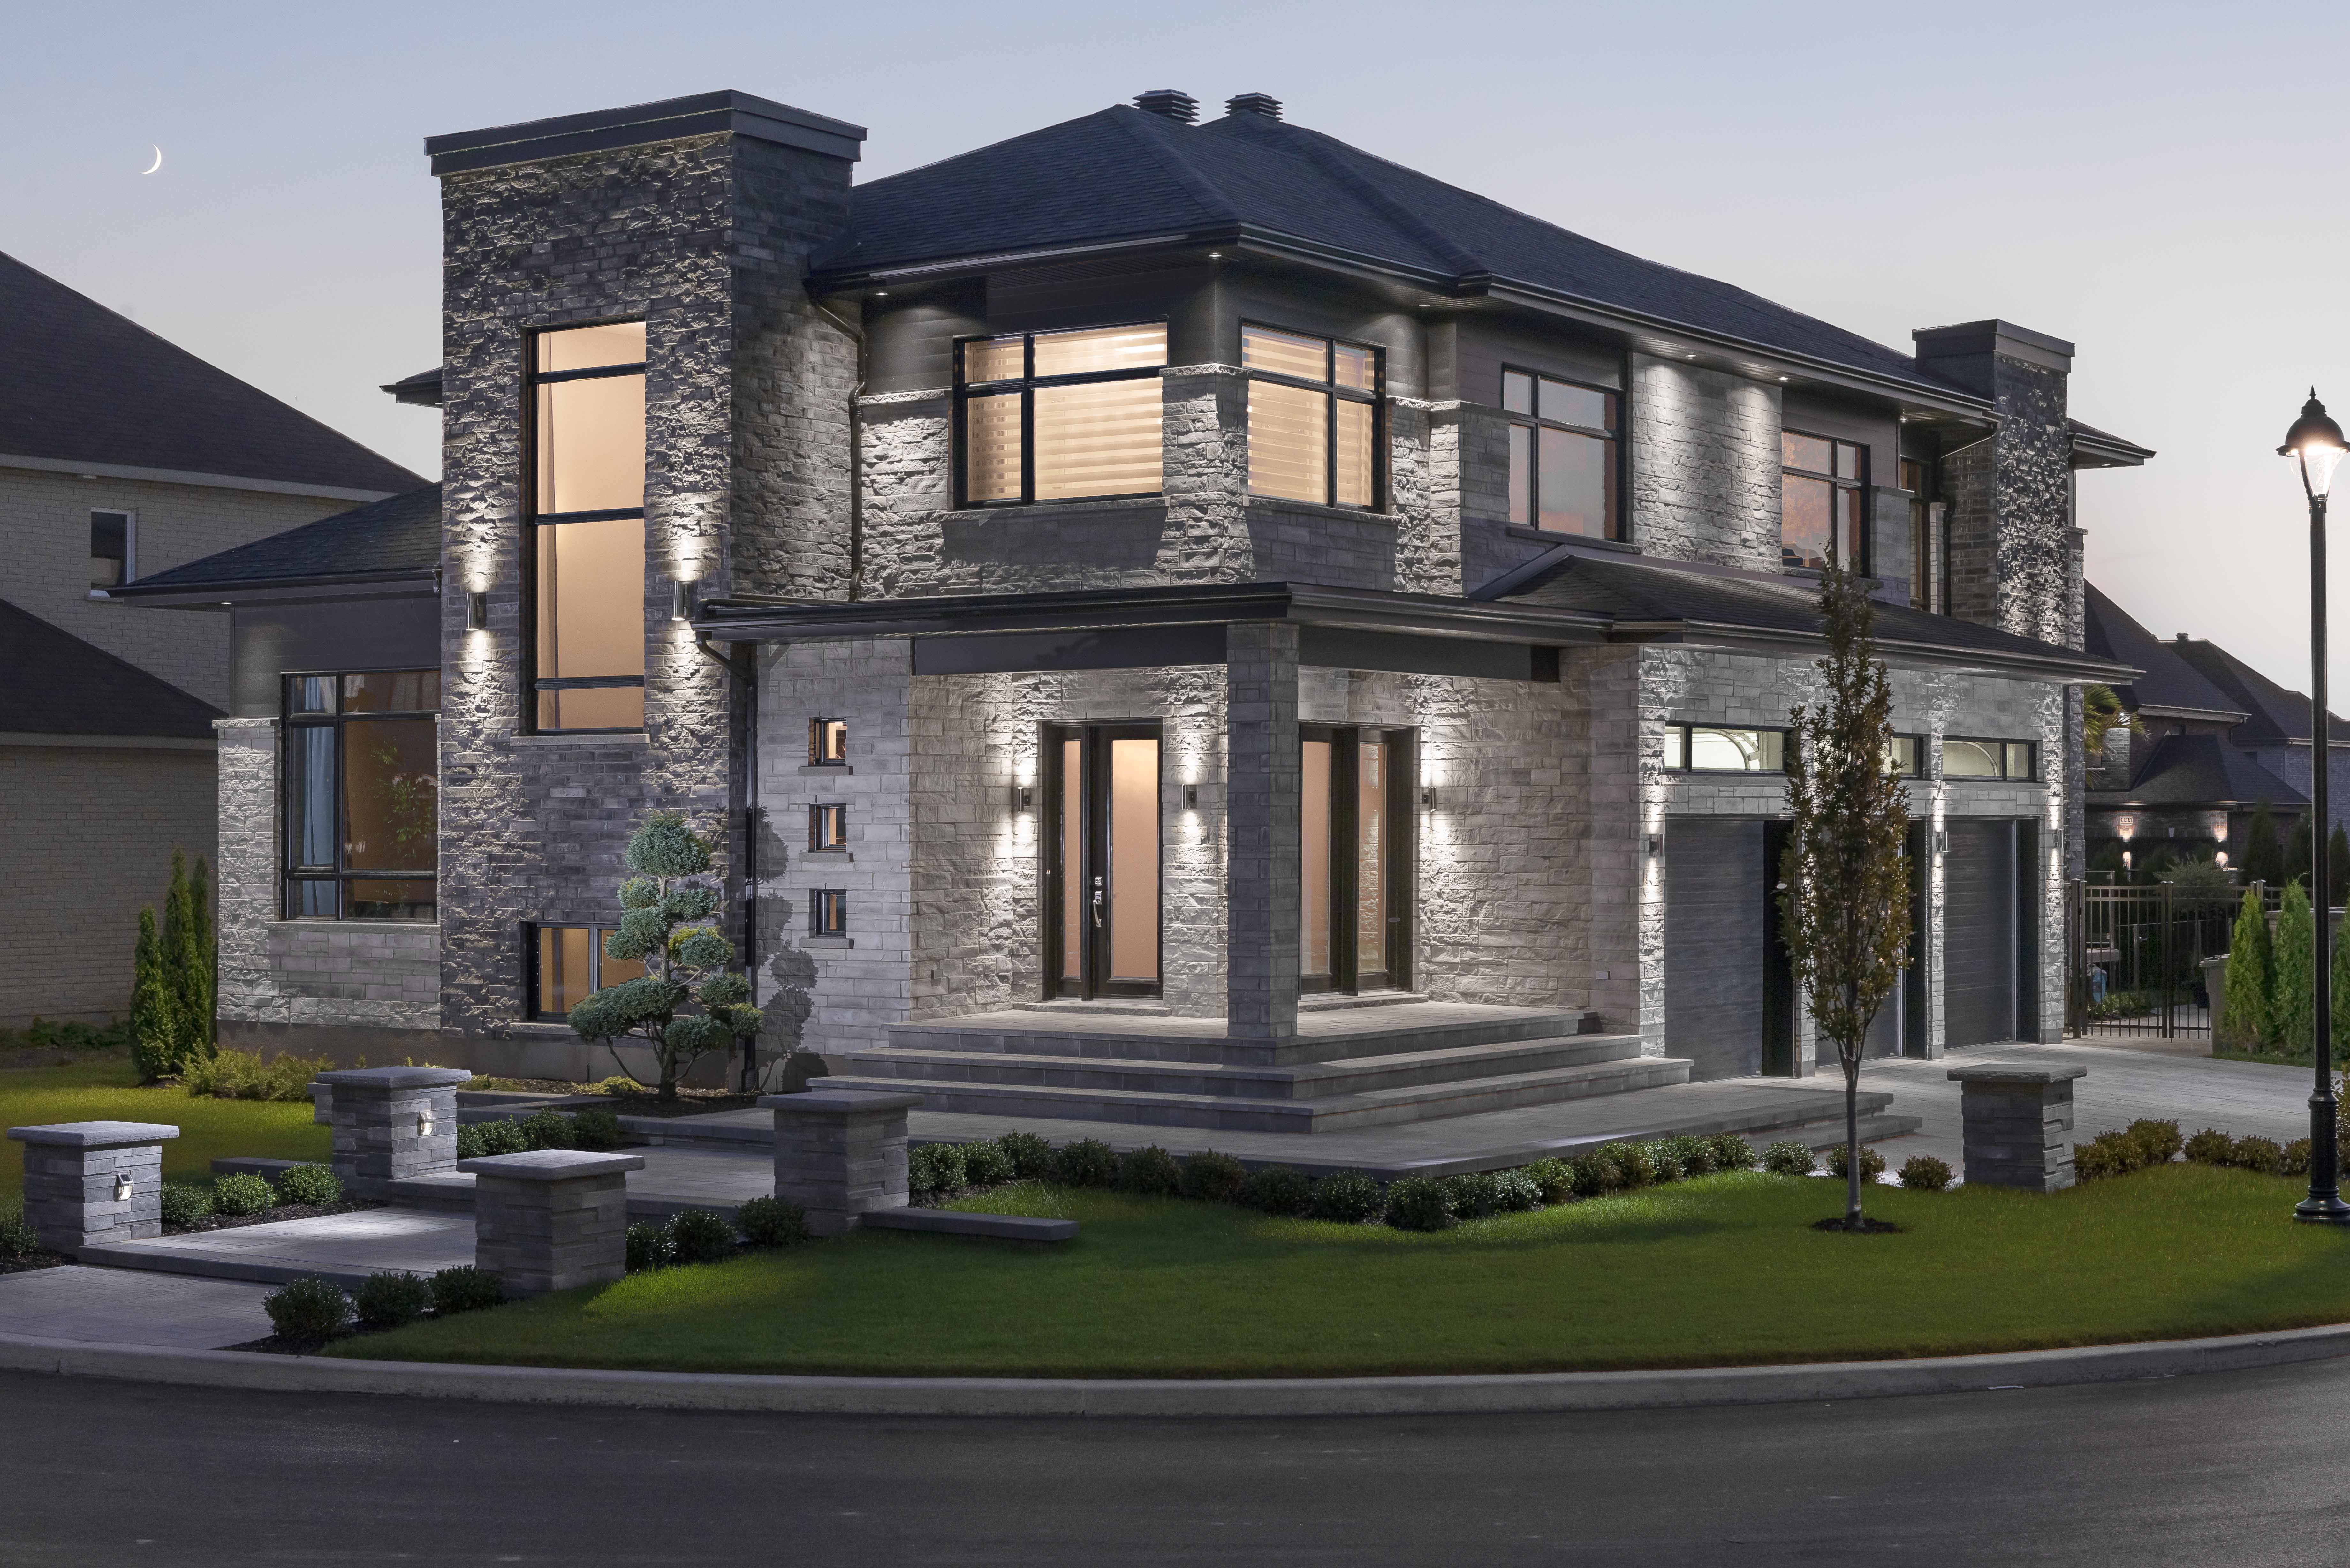 Contemporary House architecture using Rinox Lorado and Lotis stone ...